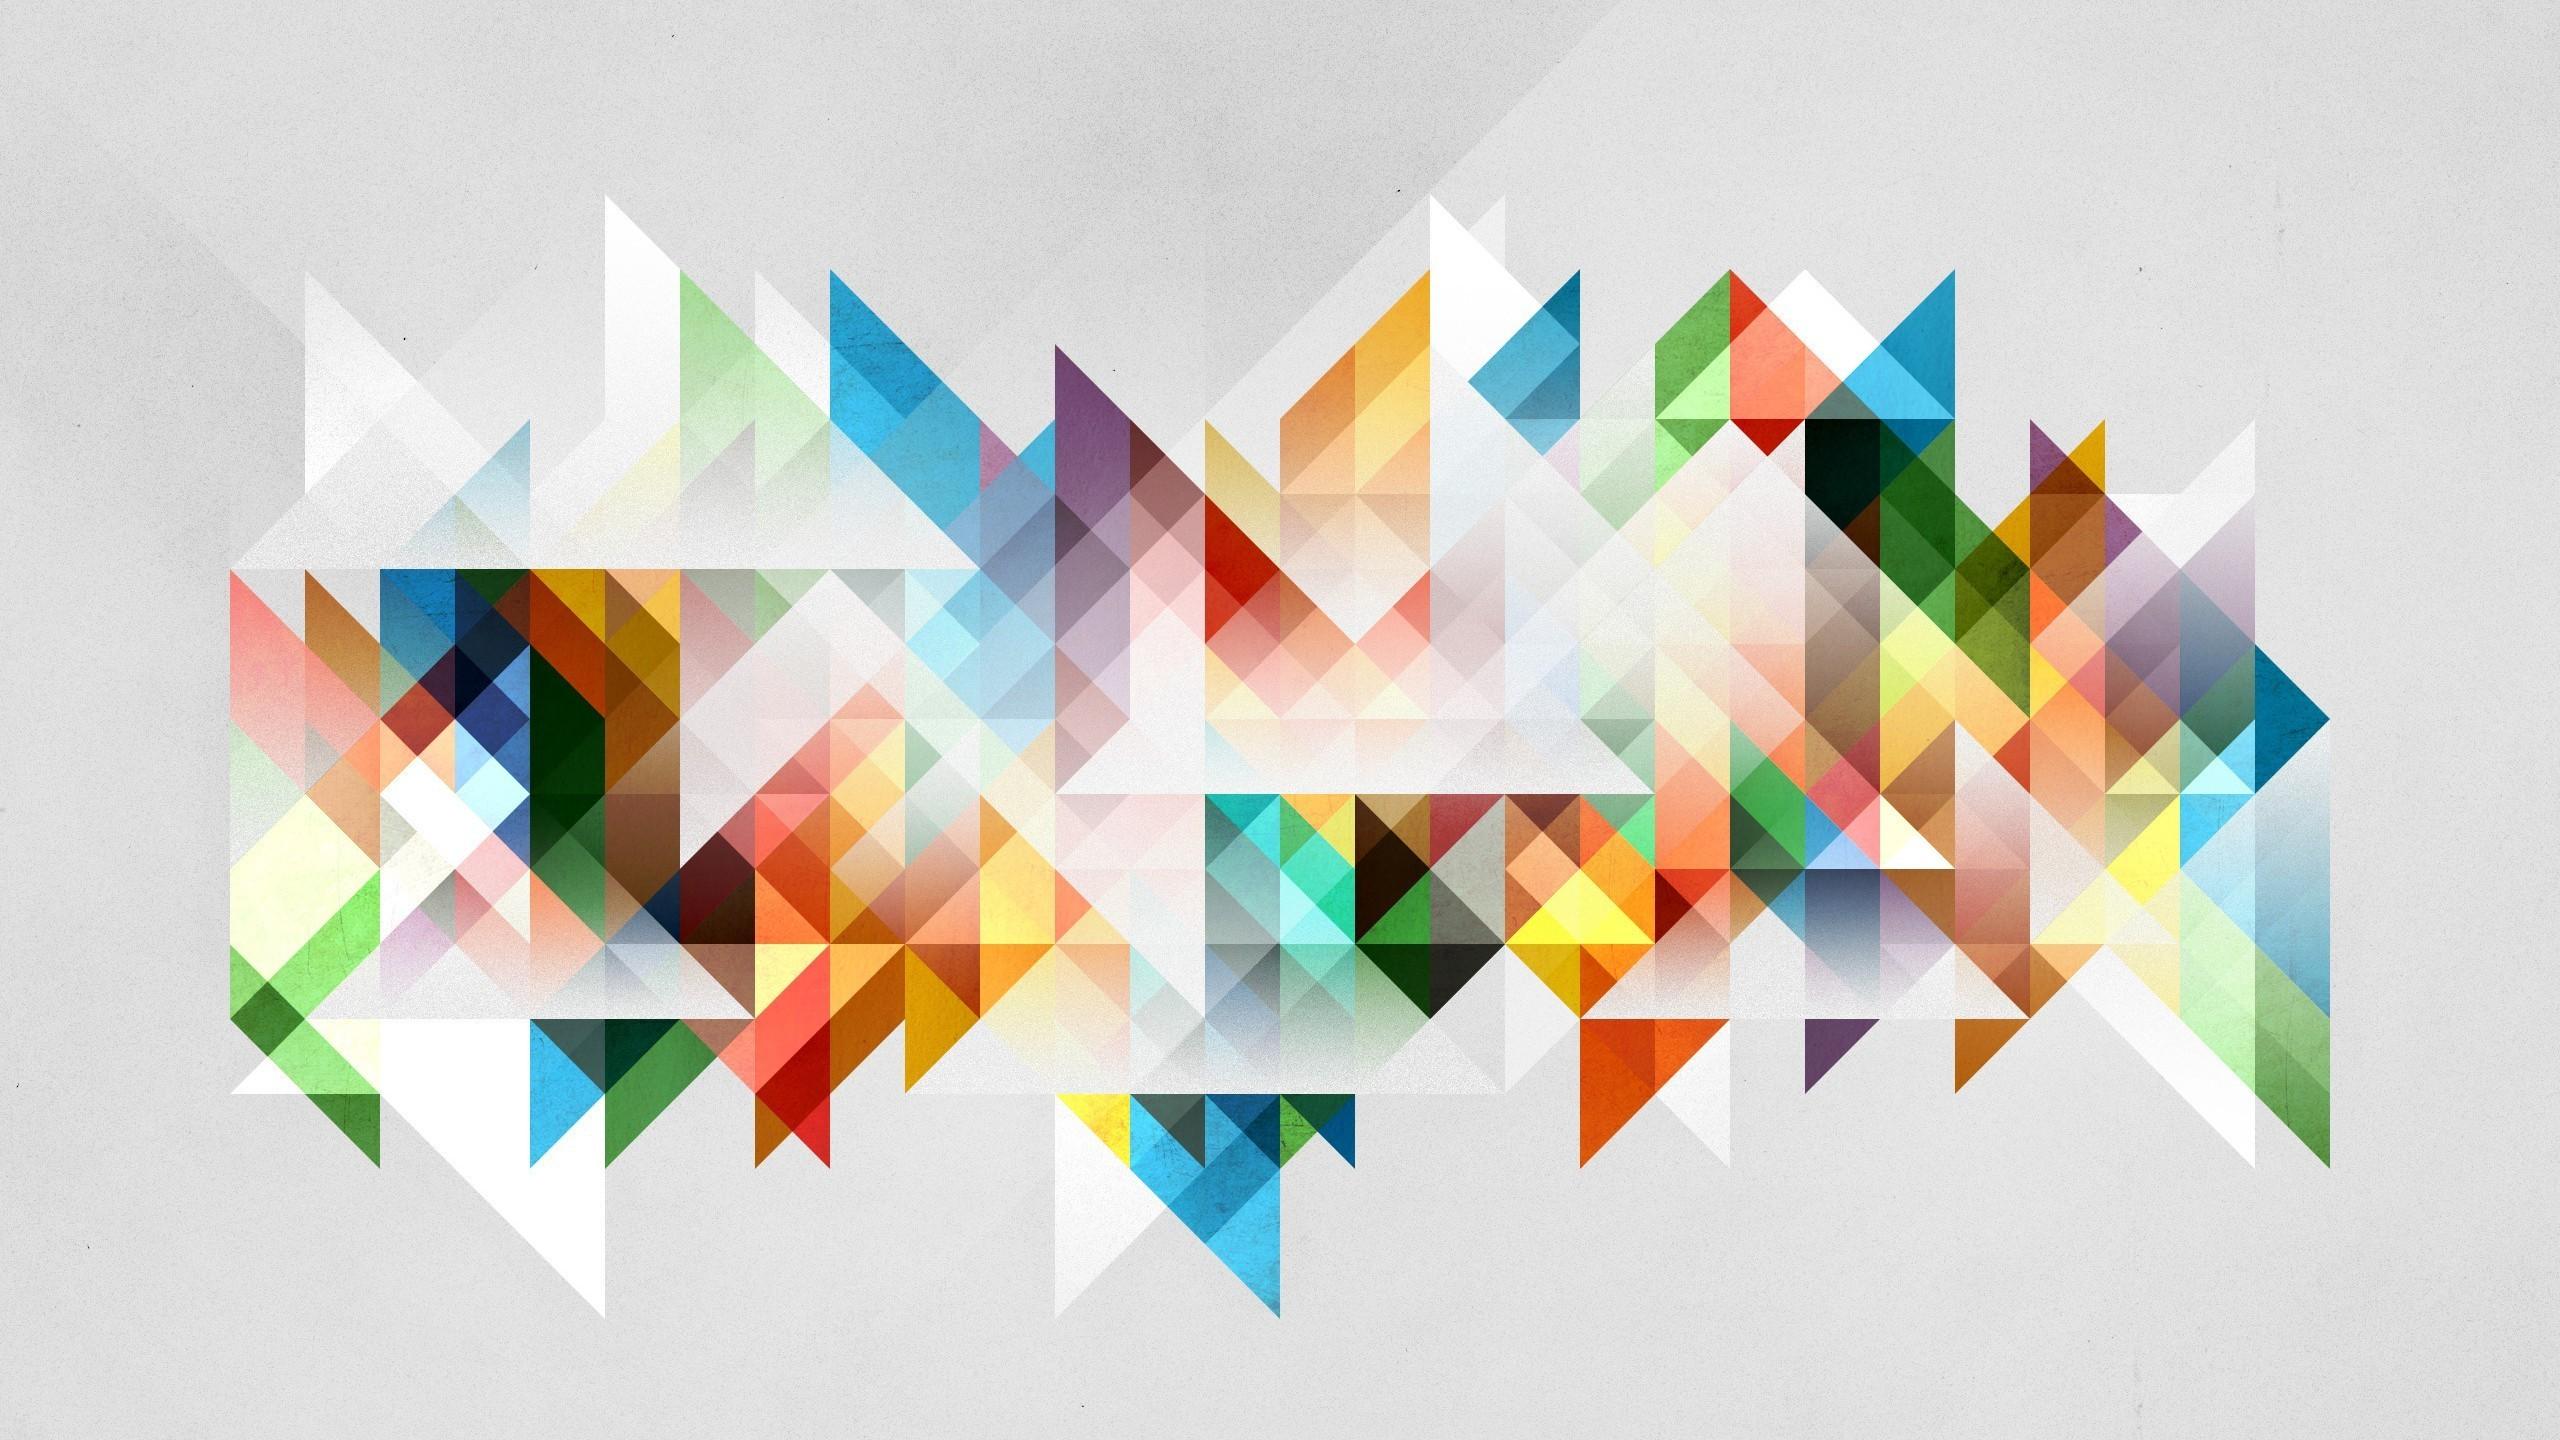 62+ Gambar Abstrak Origami Paling Hist